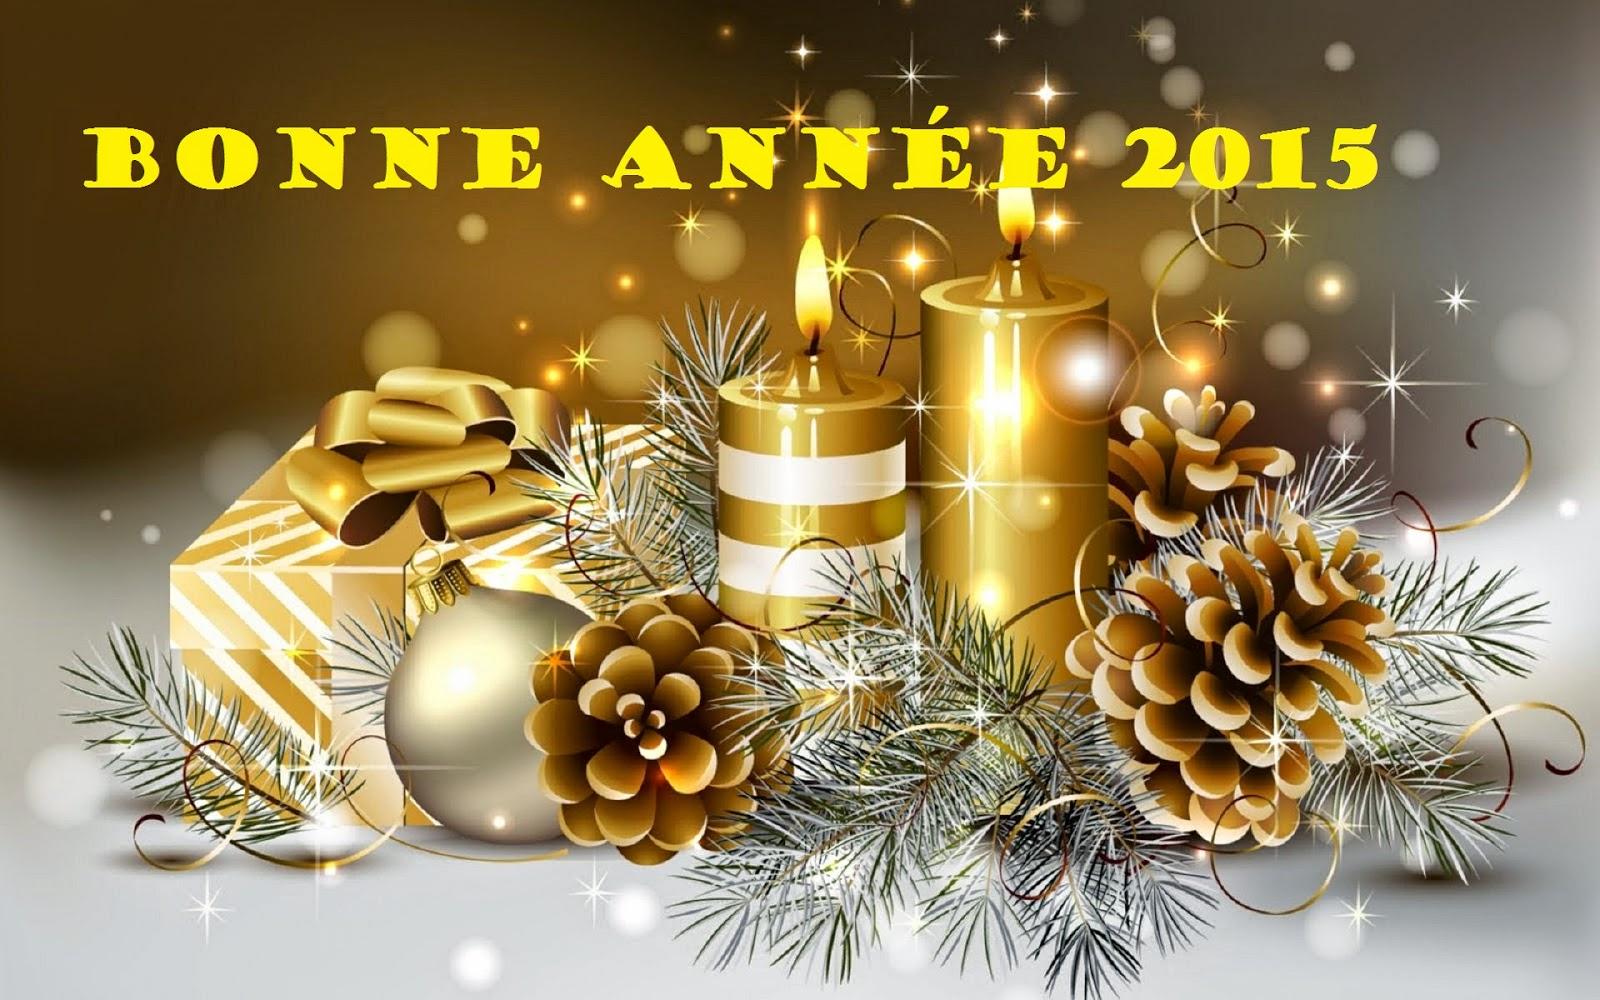 Bonne année 2015 !  7305408-11236045